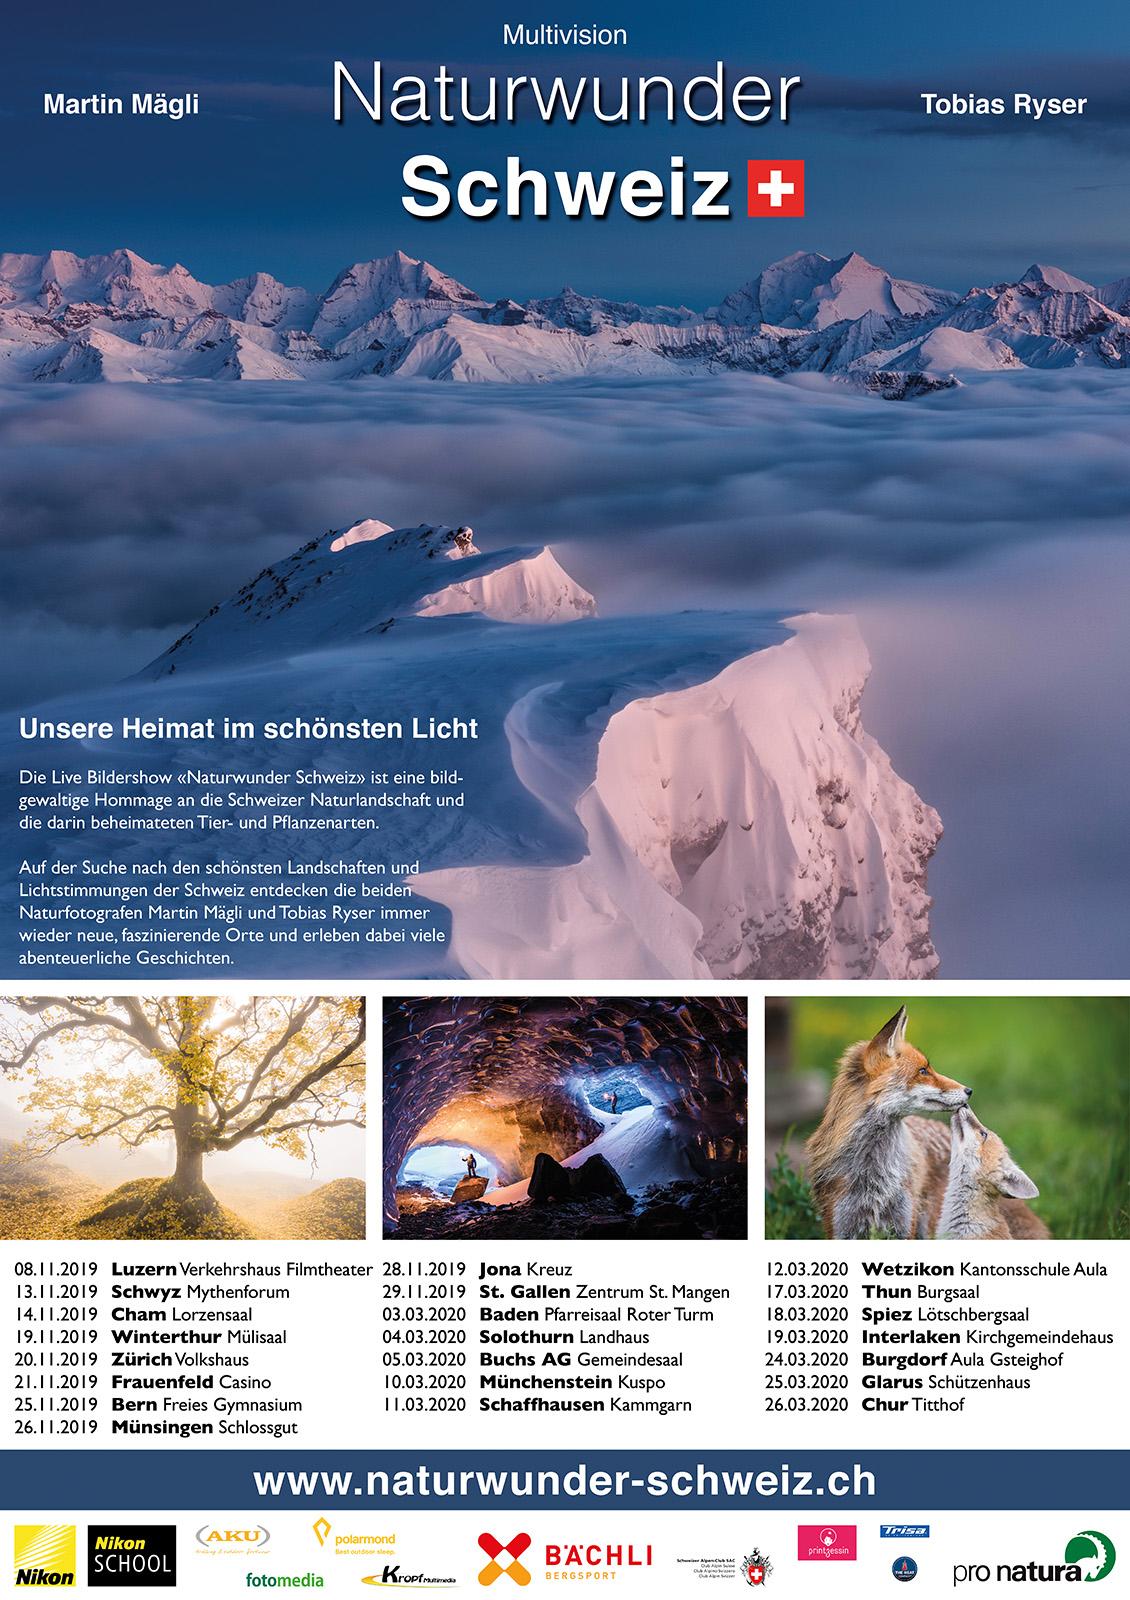 Multivision Naturwunder Schweiz